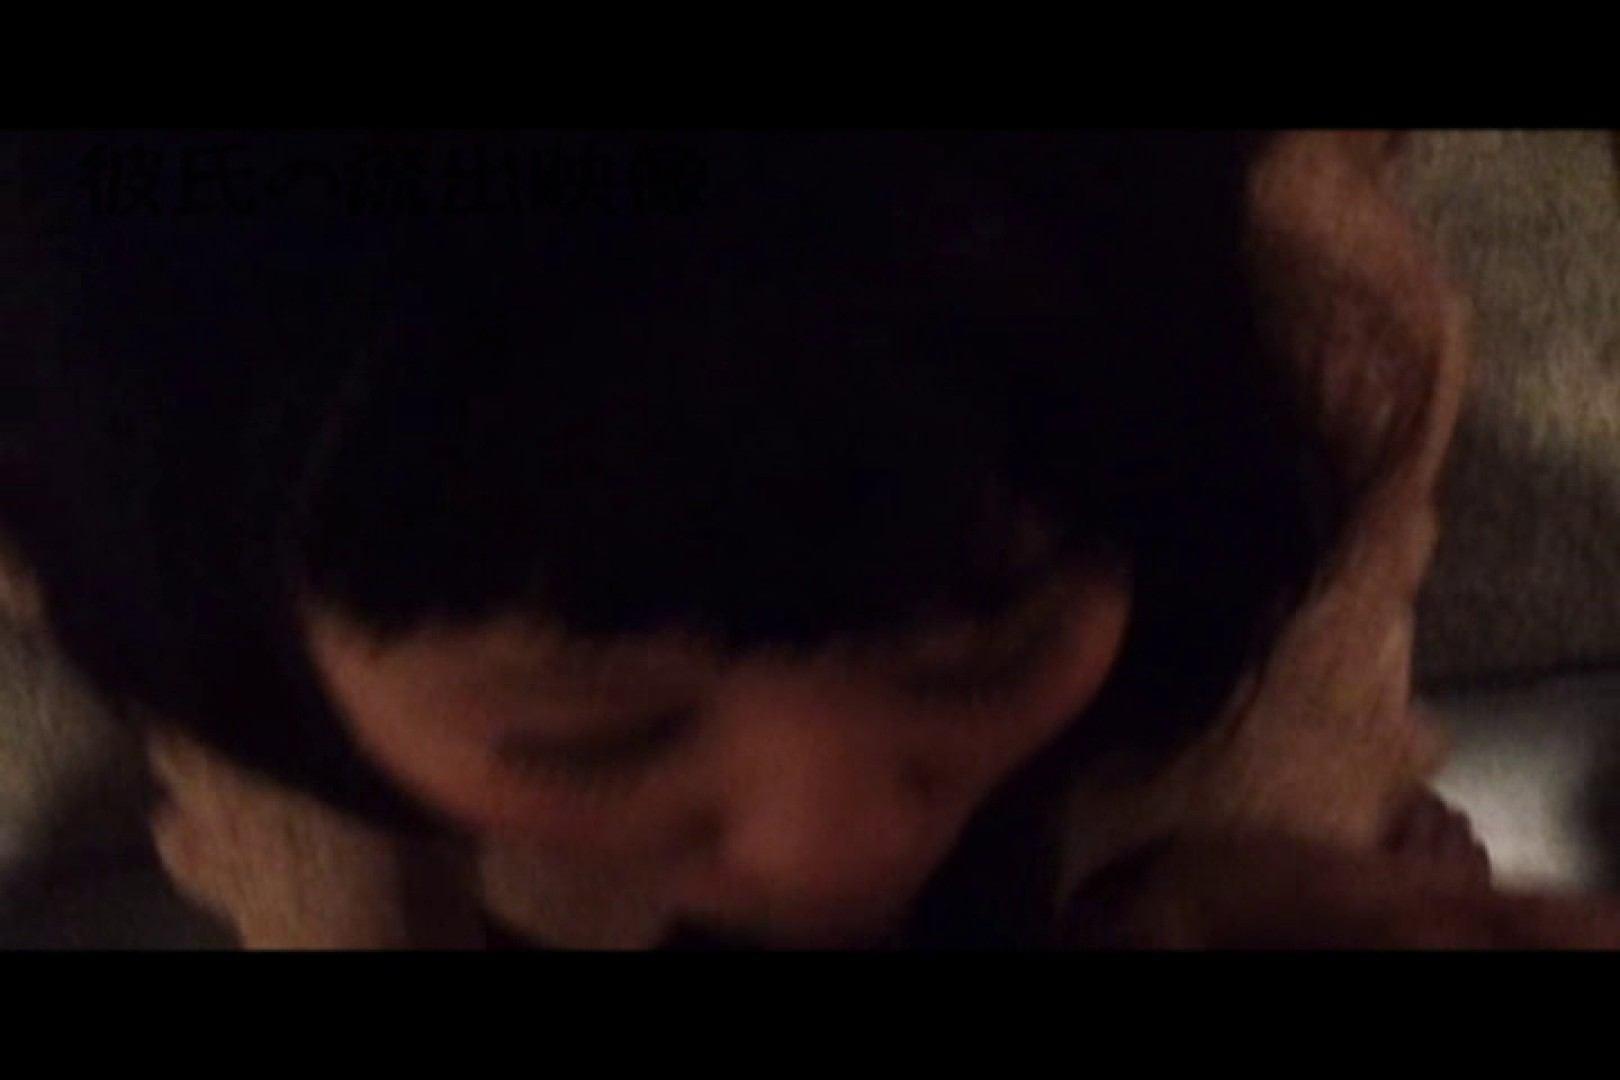 彼氏が流出 パイパン素人嬢のハメ撮り映像03 カップル  36連発 16